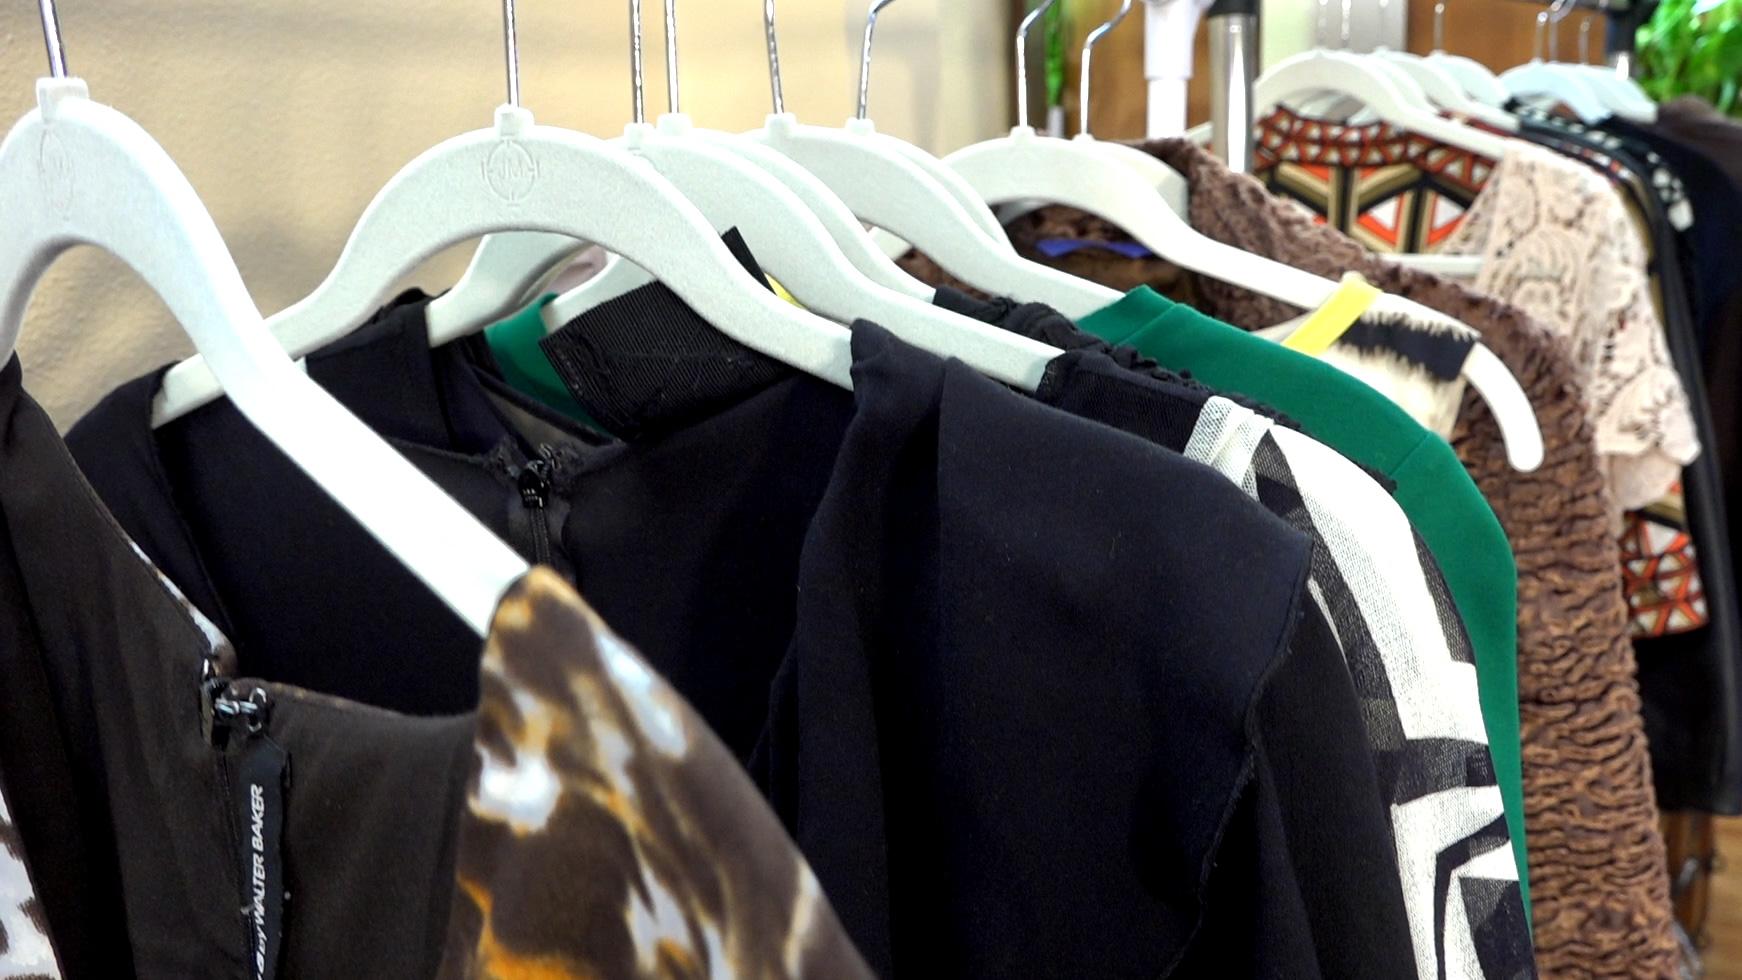 014 Clothing Rack Tops.jpg